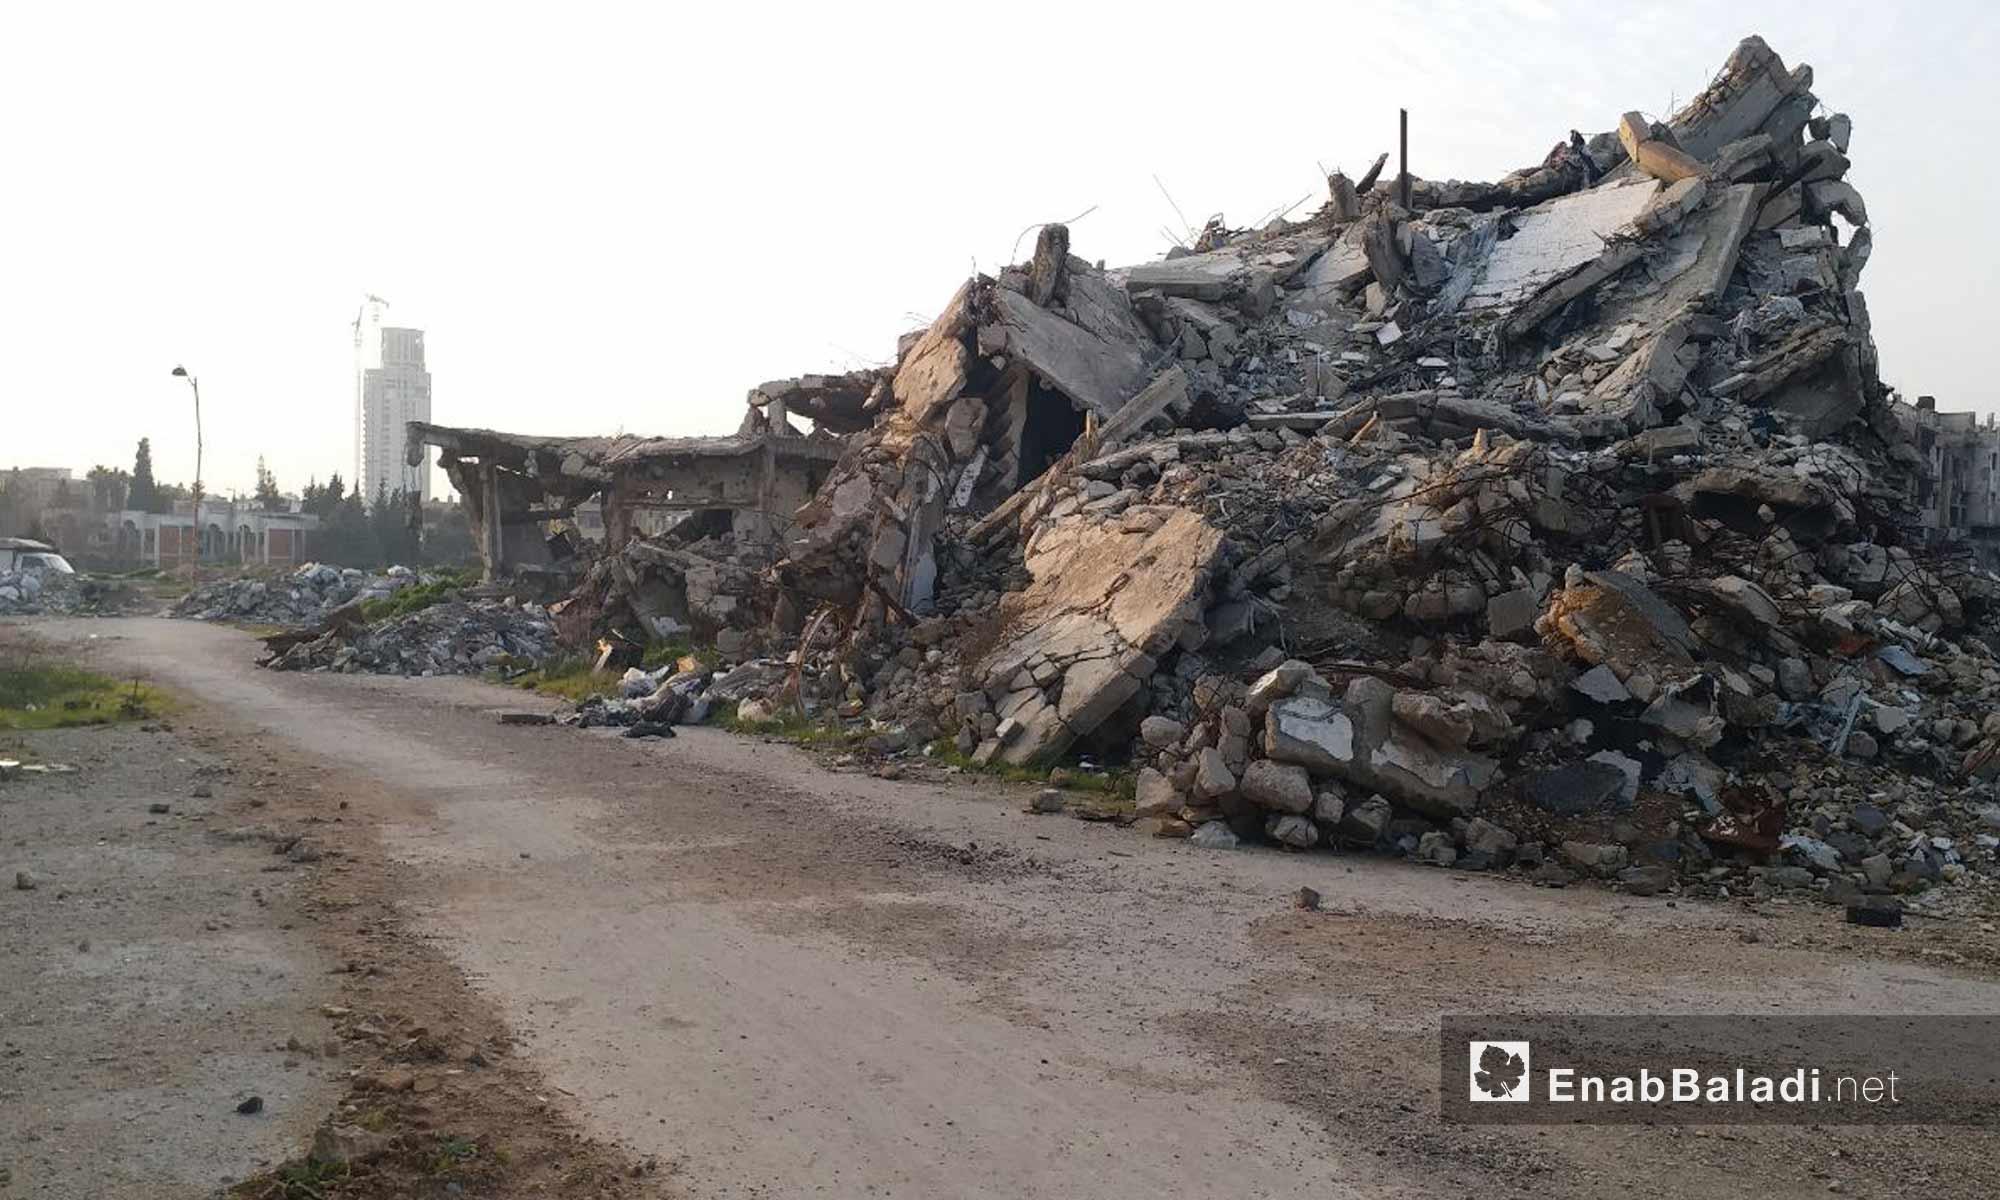 أبنية مدمرة في حي باب الدريب بمدينة حمص - 24 من كانون الثاني 2019 (عنب بلدي)